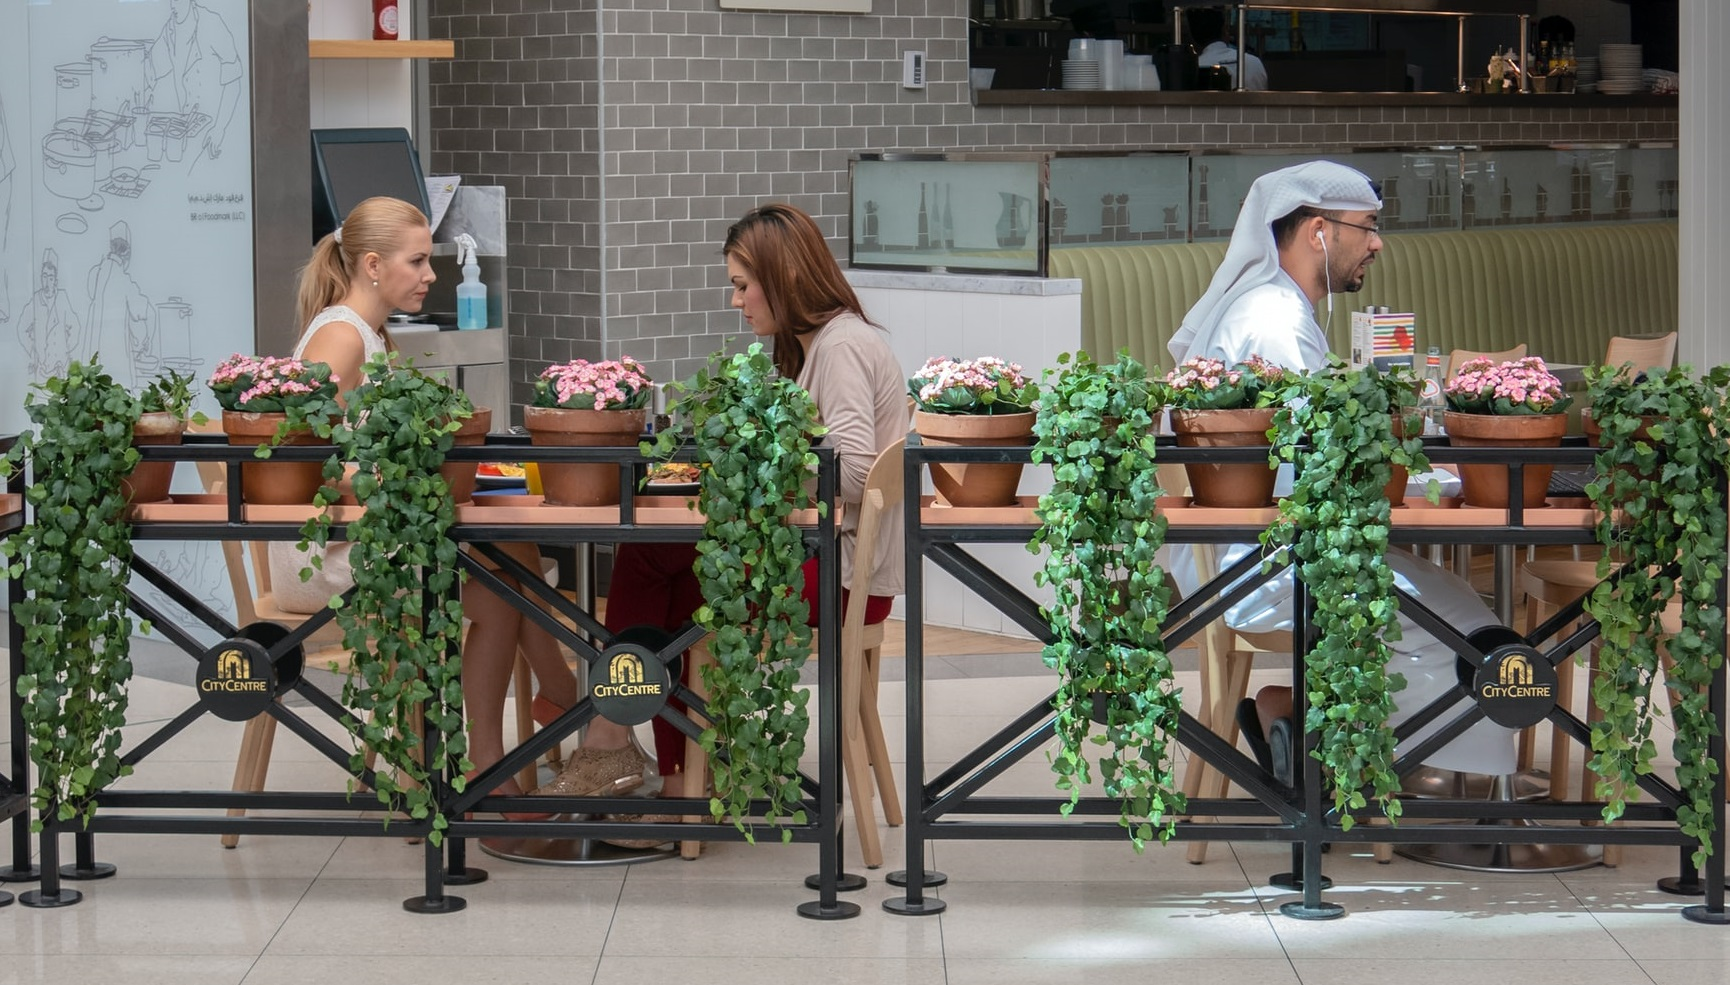 Restaurantele din Dubai oferă reduceri celor vaccinați anti-Covid. 10% la prima doză, 20% la a doua